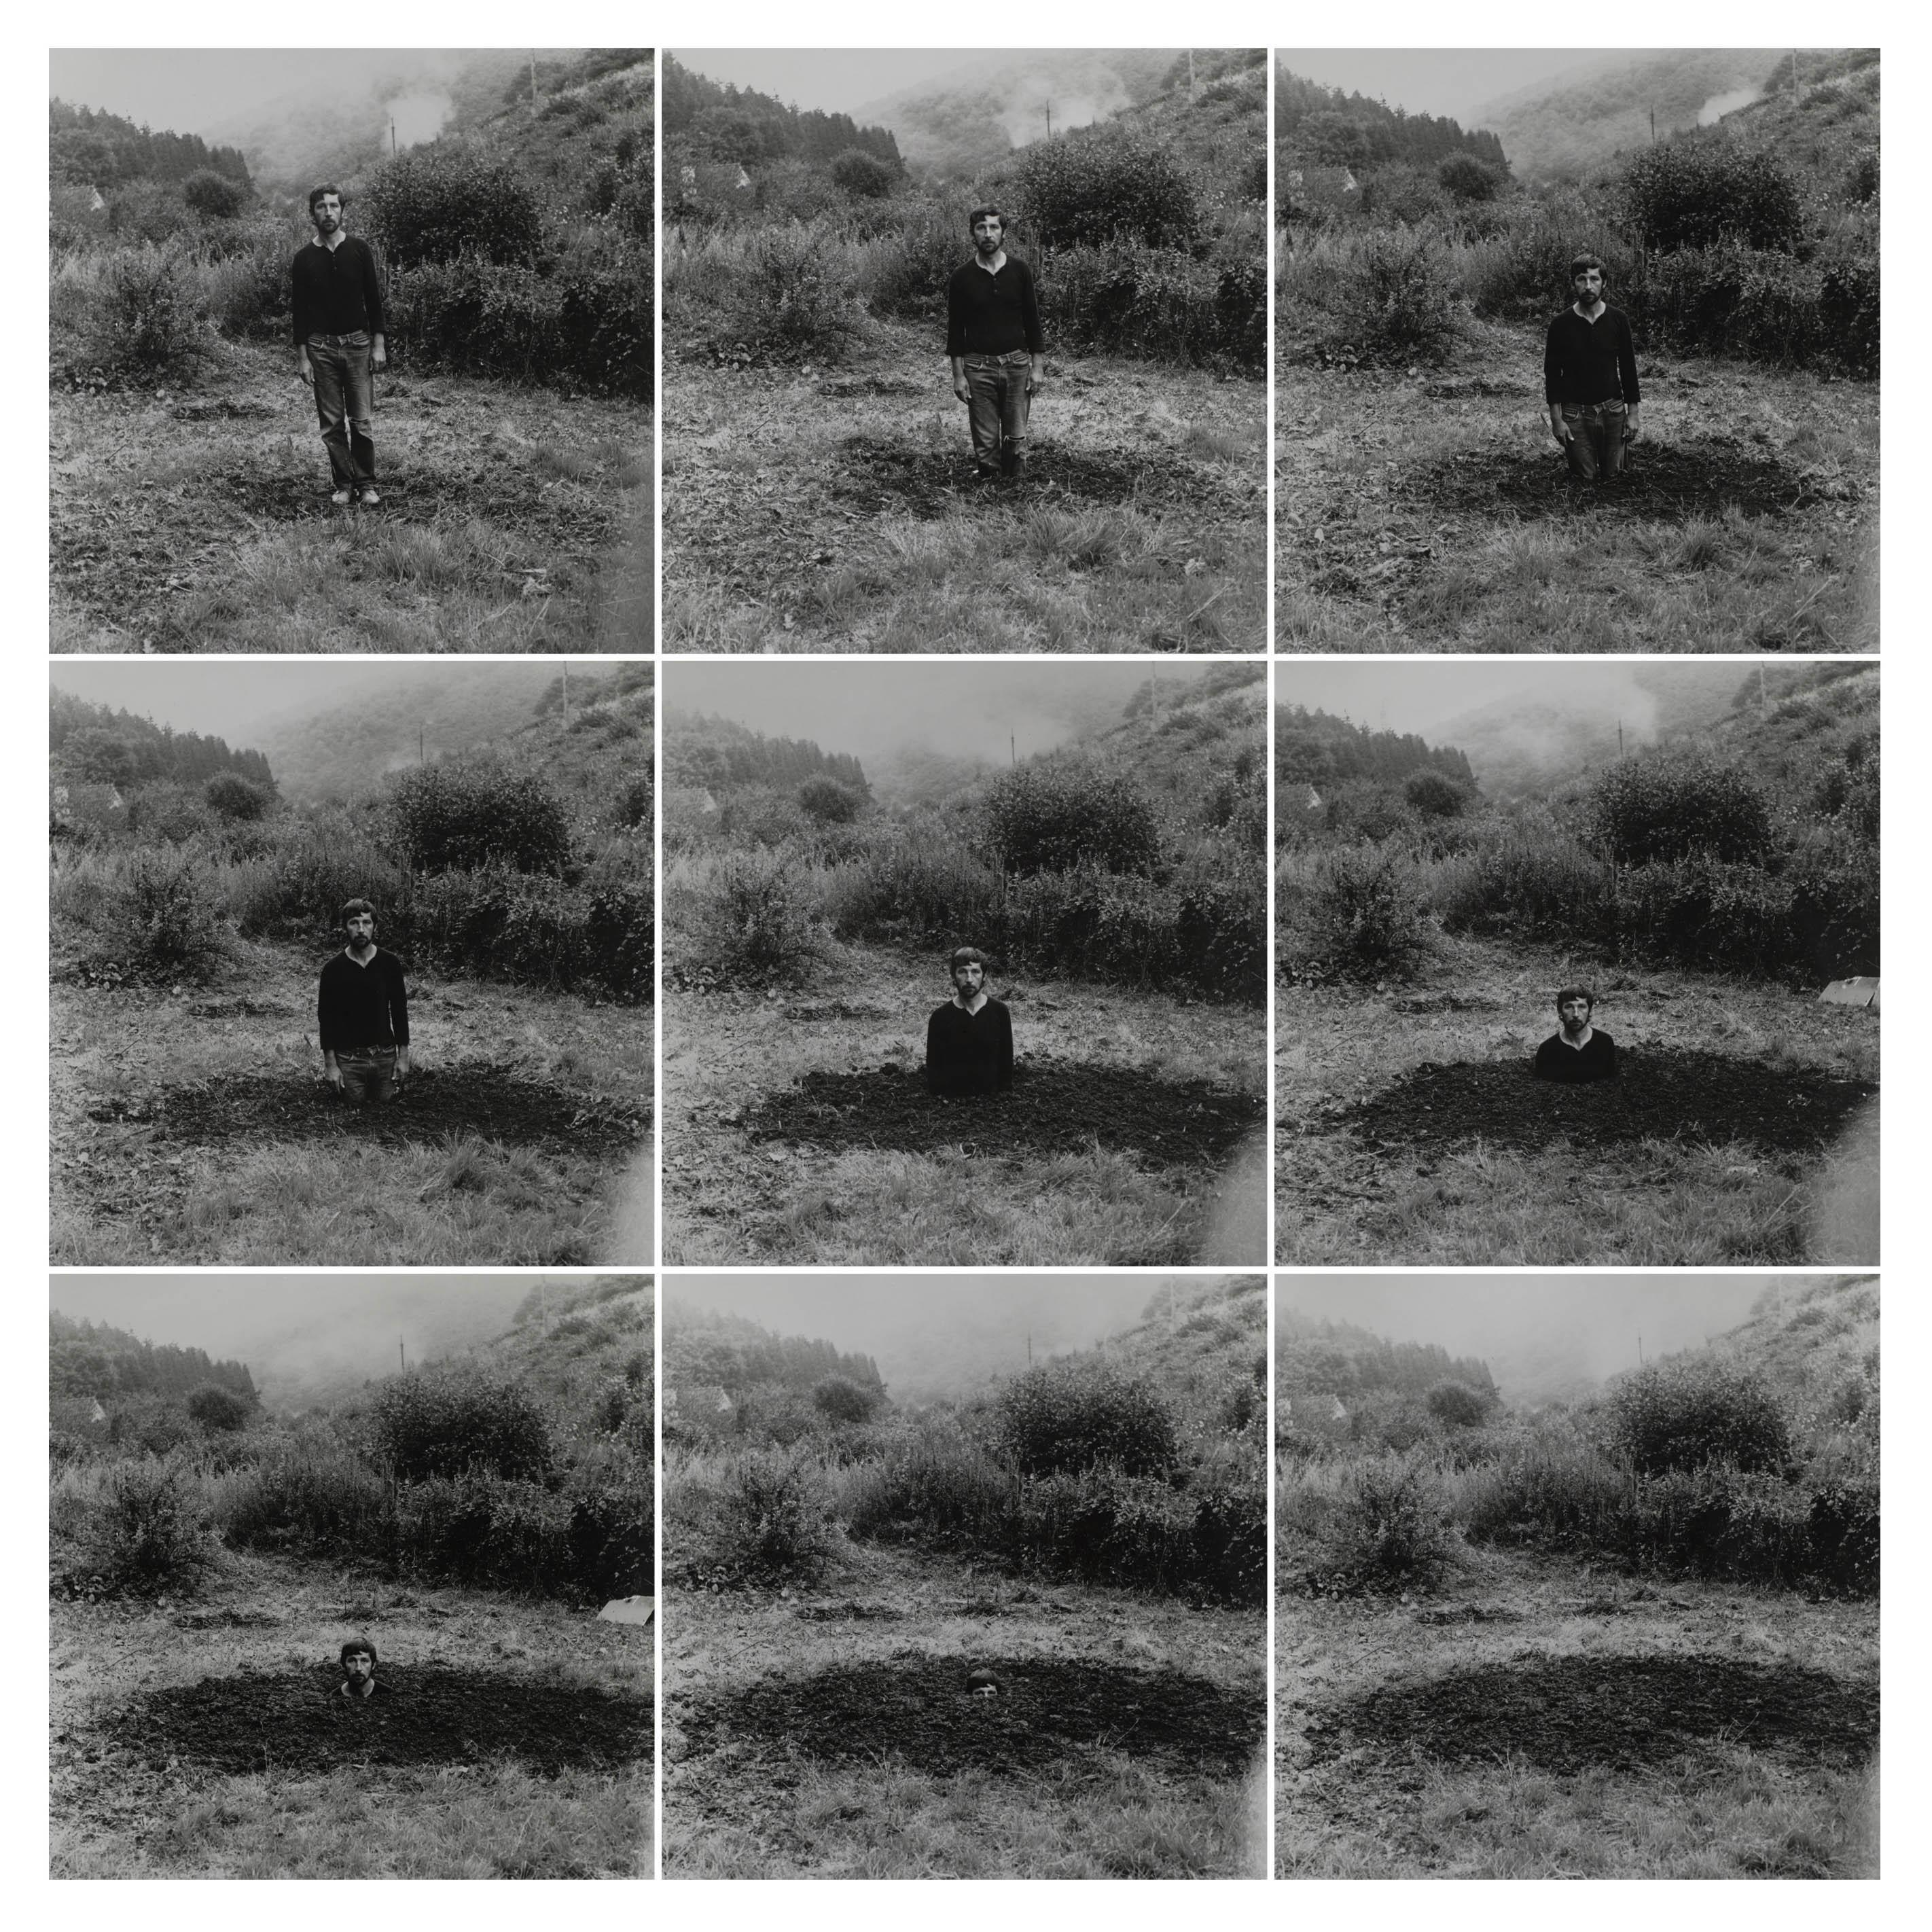 Self-Burial, 1969